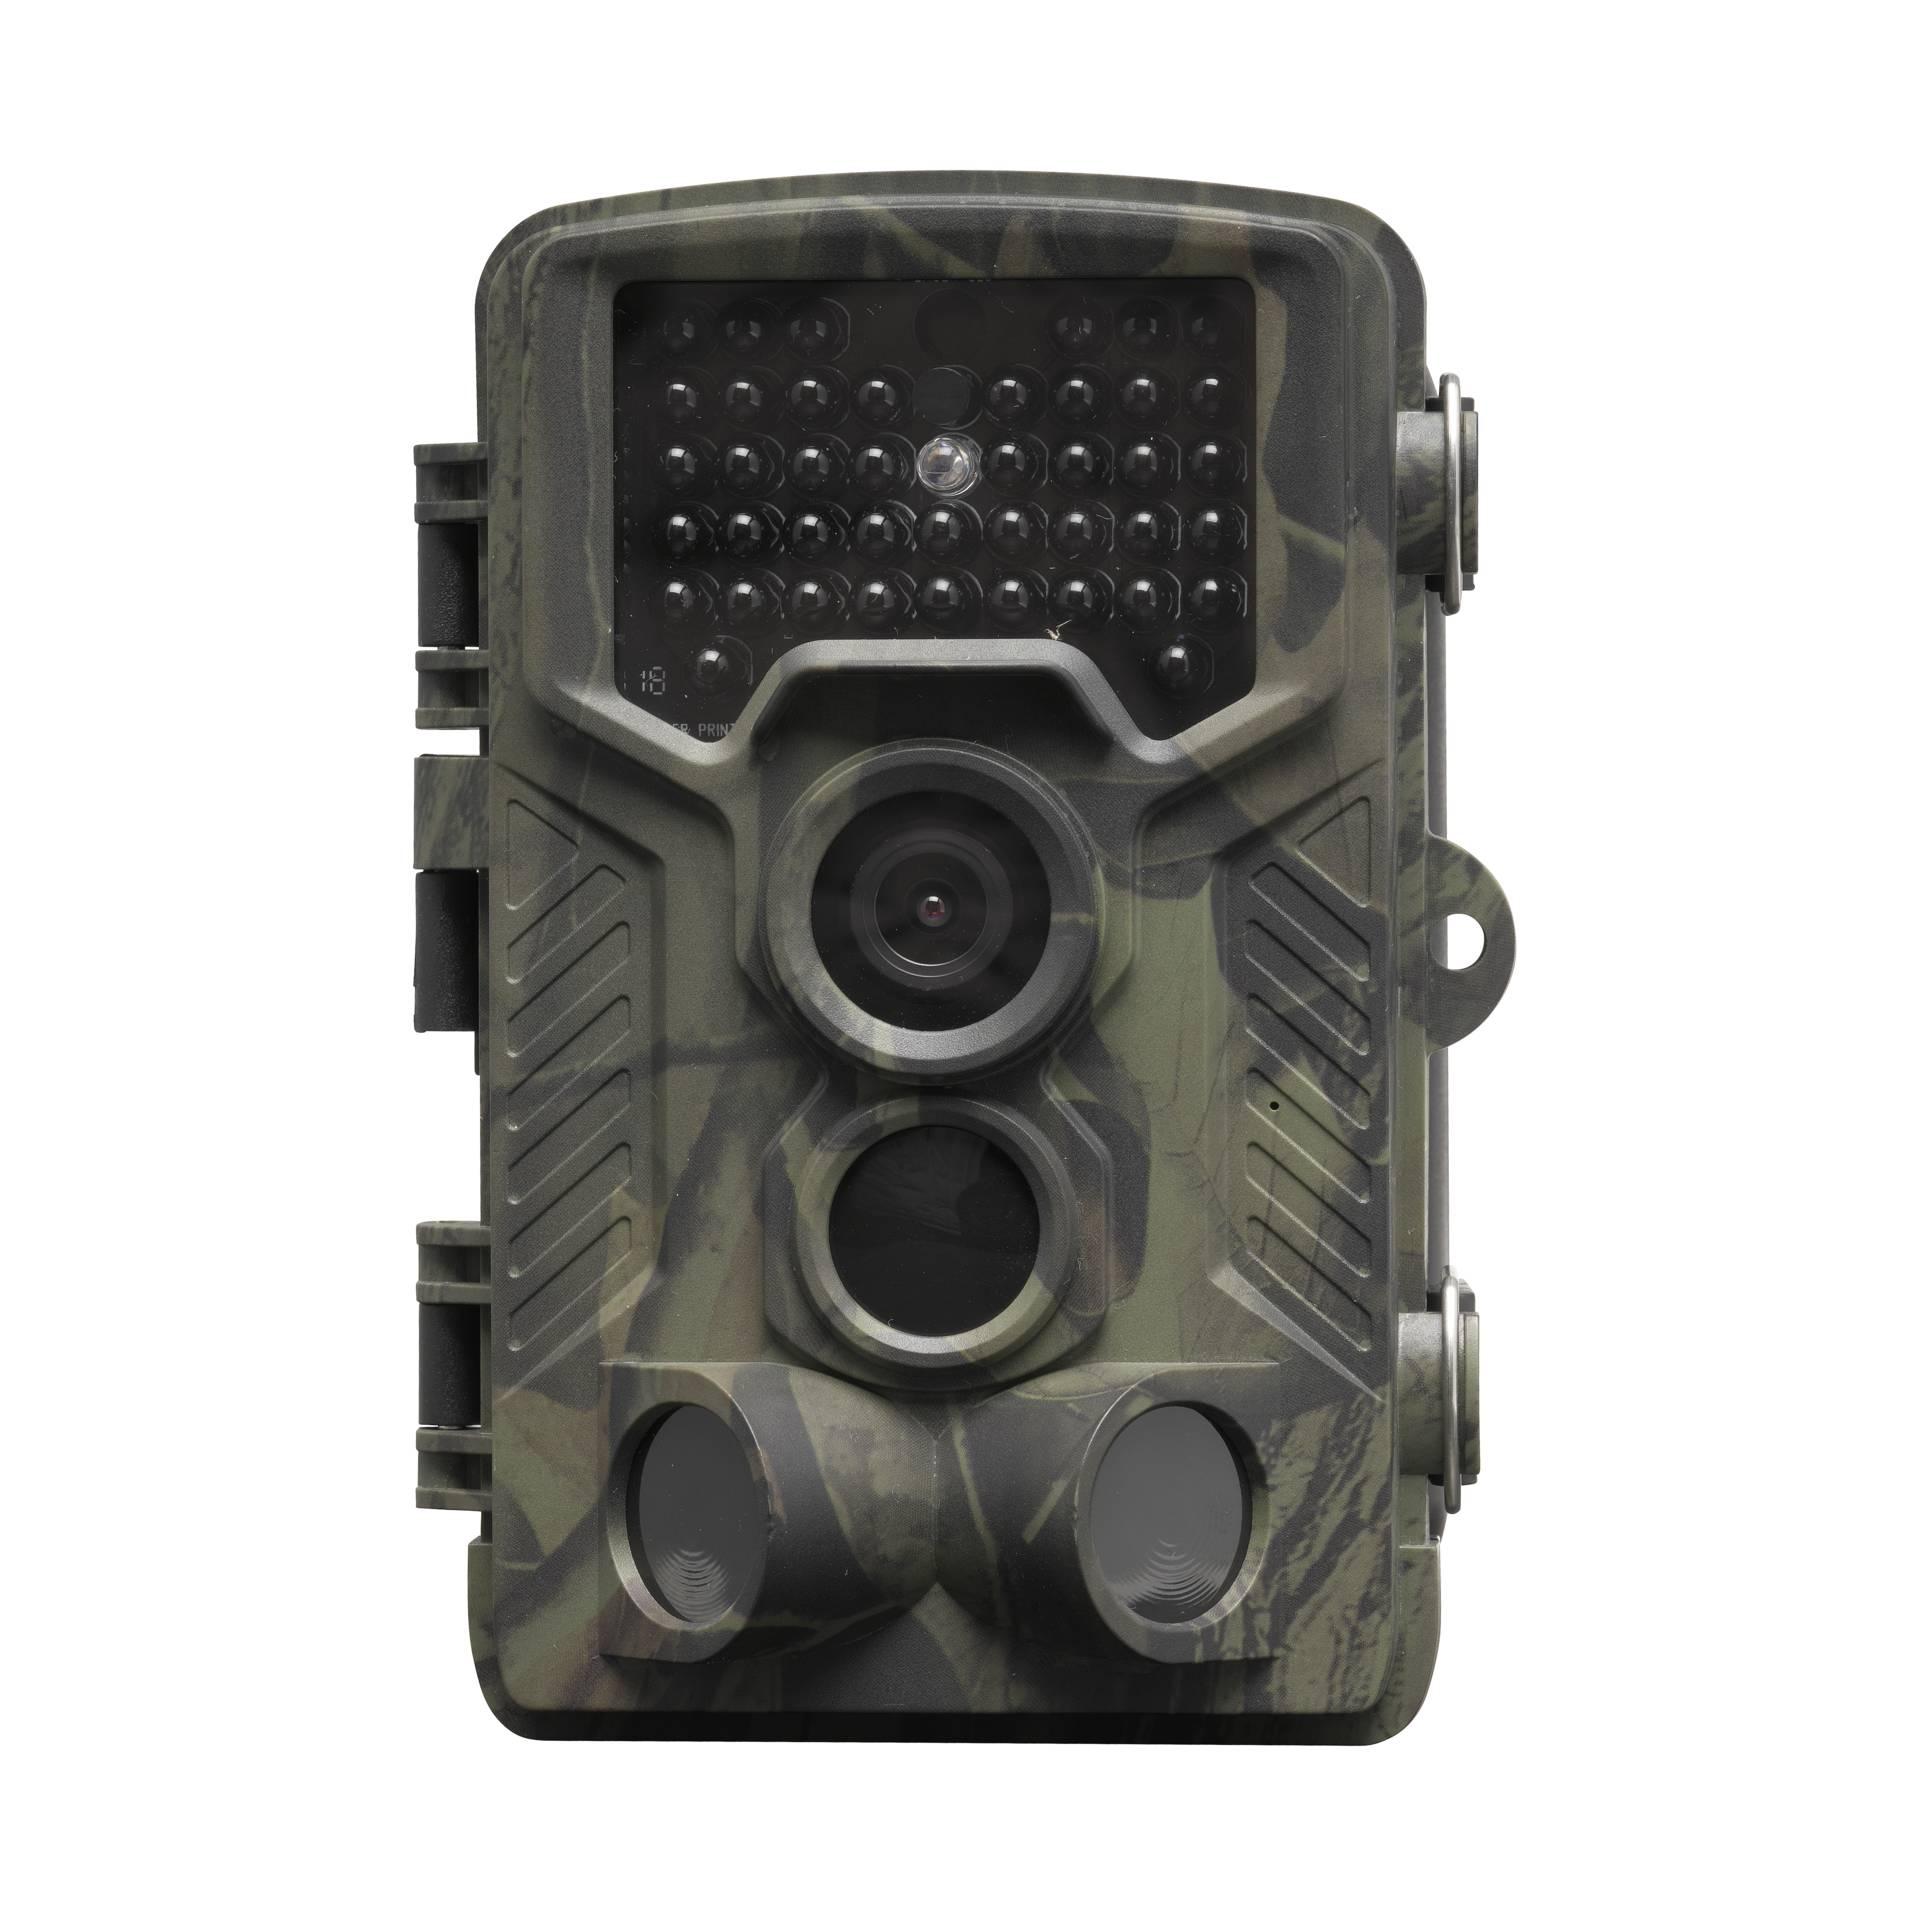 Denver WCT-8010 Wildkamera